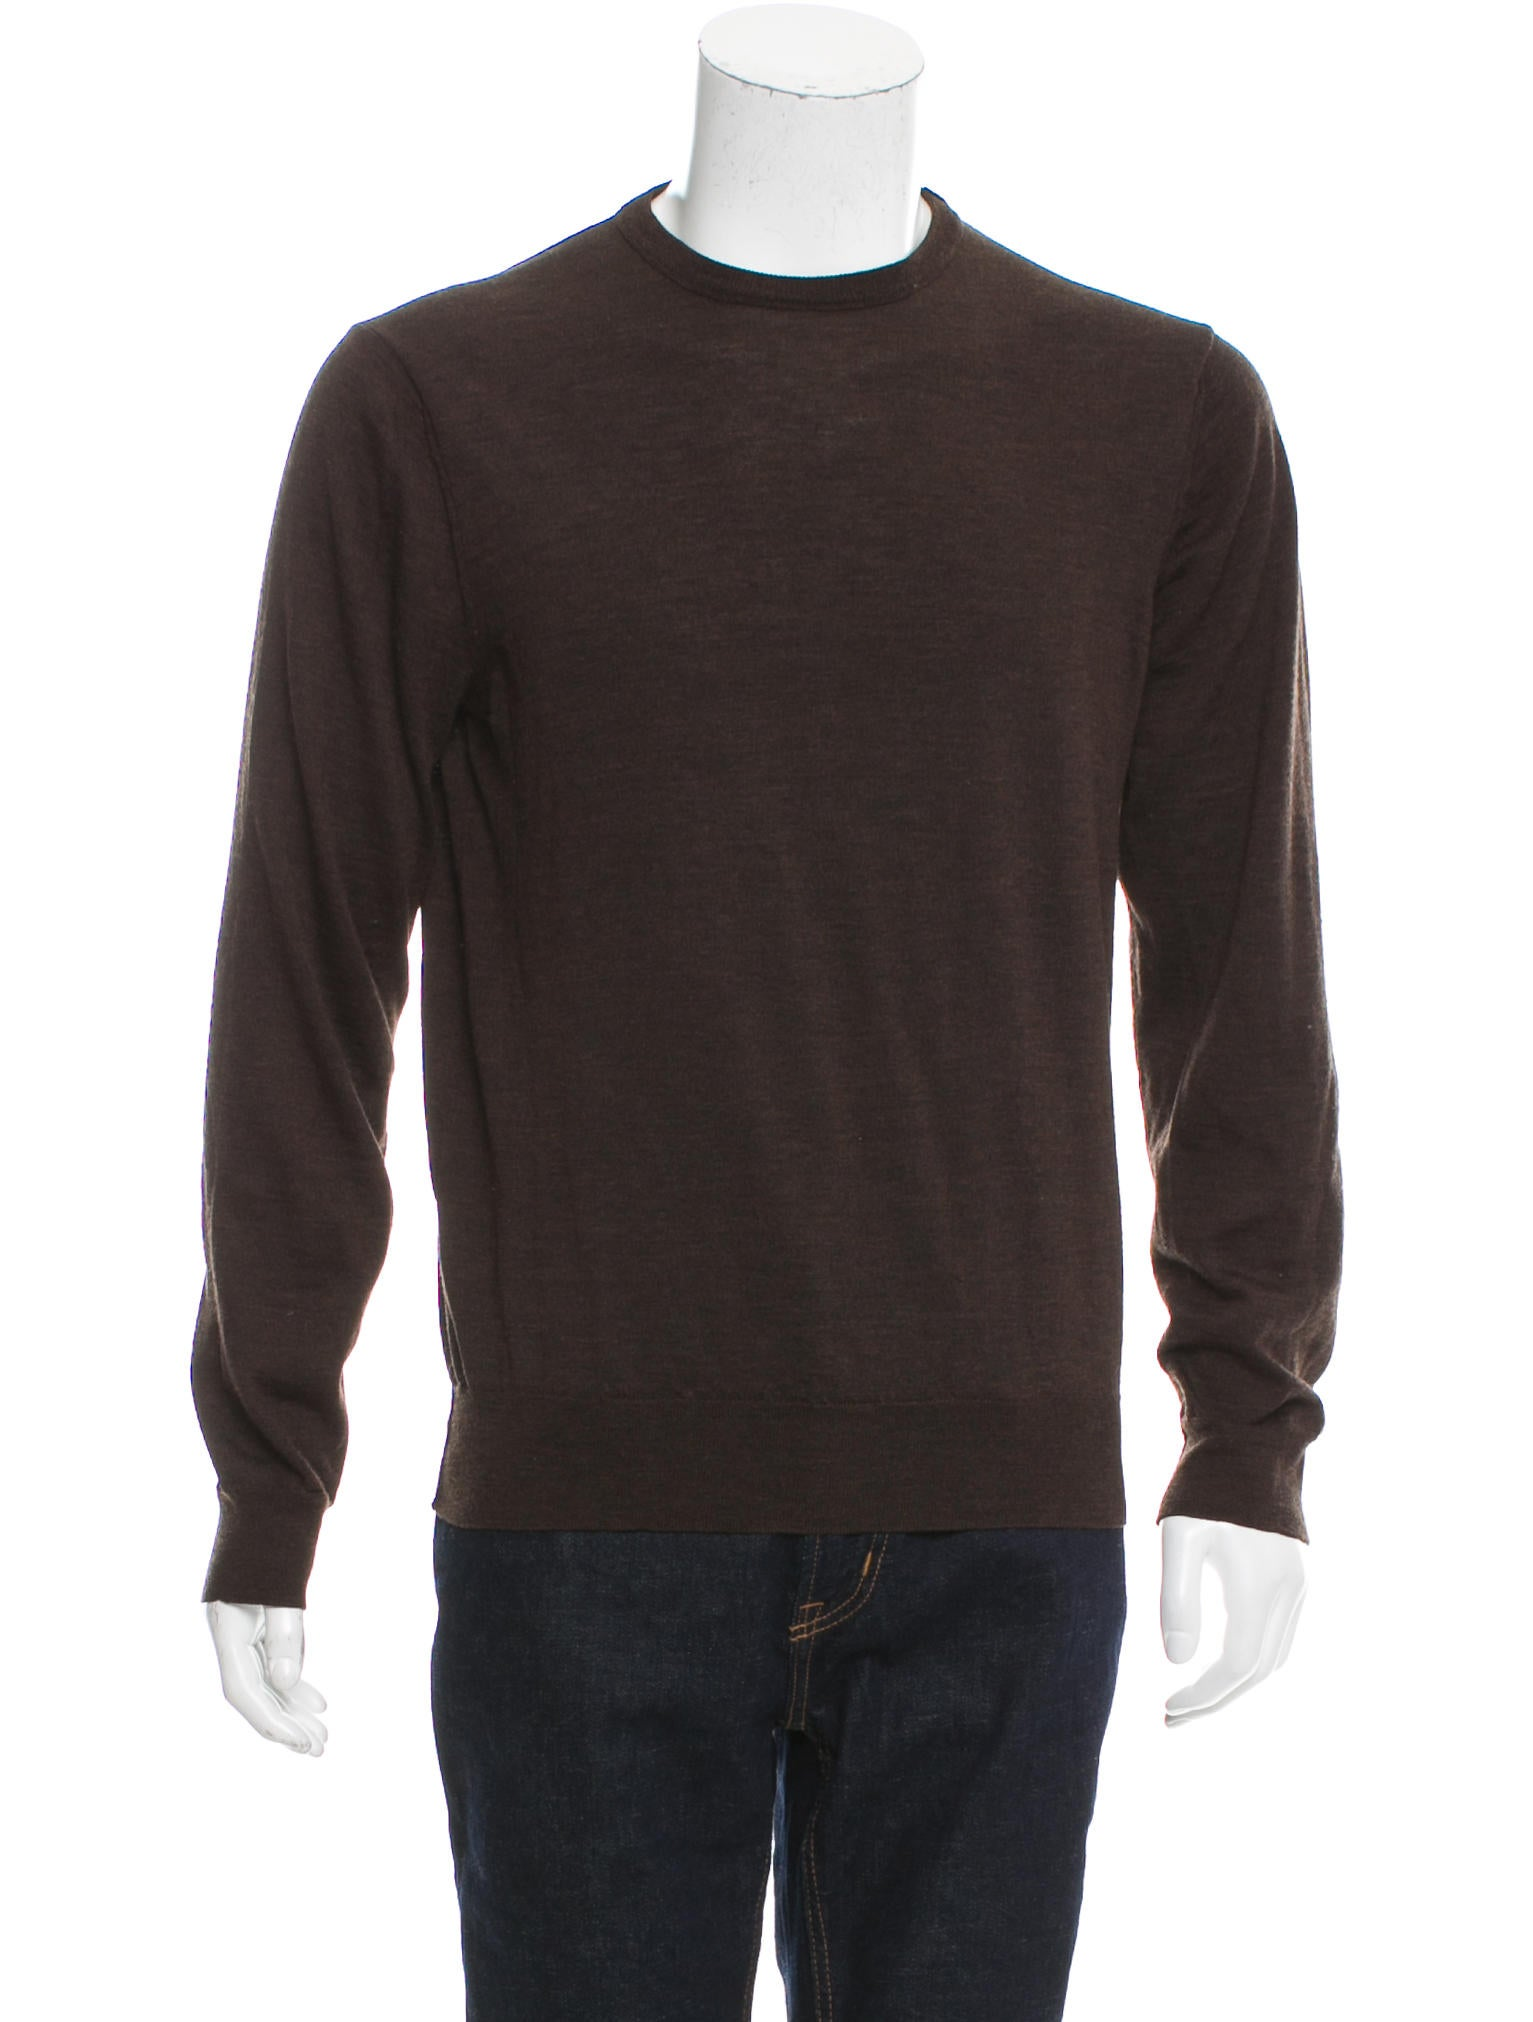 Maison Margiela Vintage Merino Wool Sweater - Clothing - MAI31123 ...